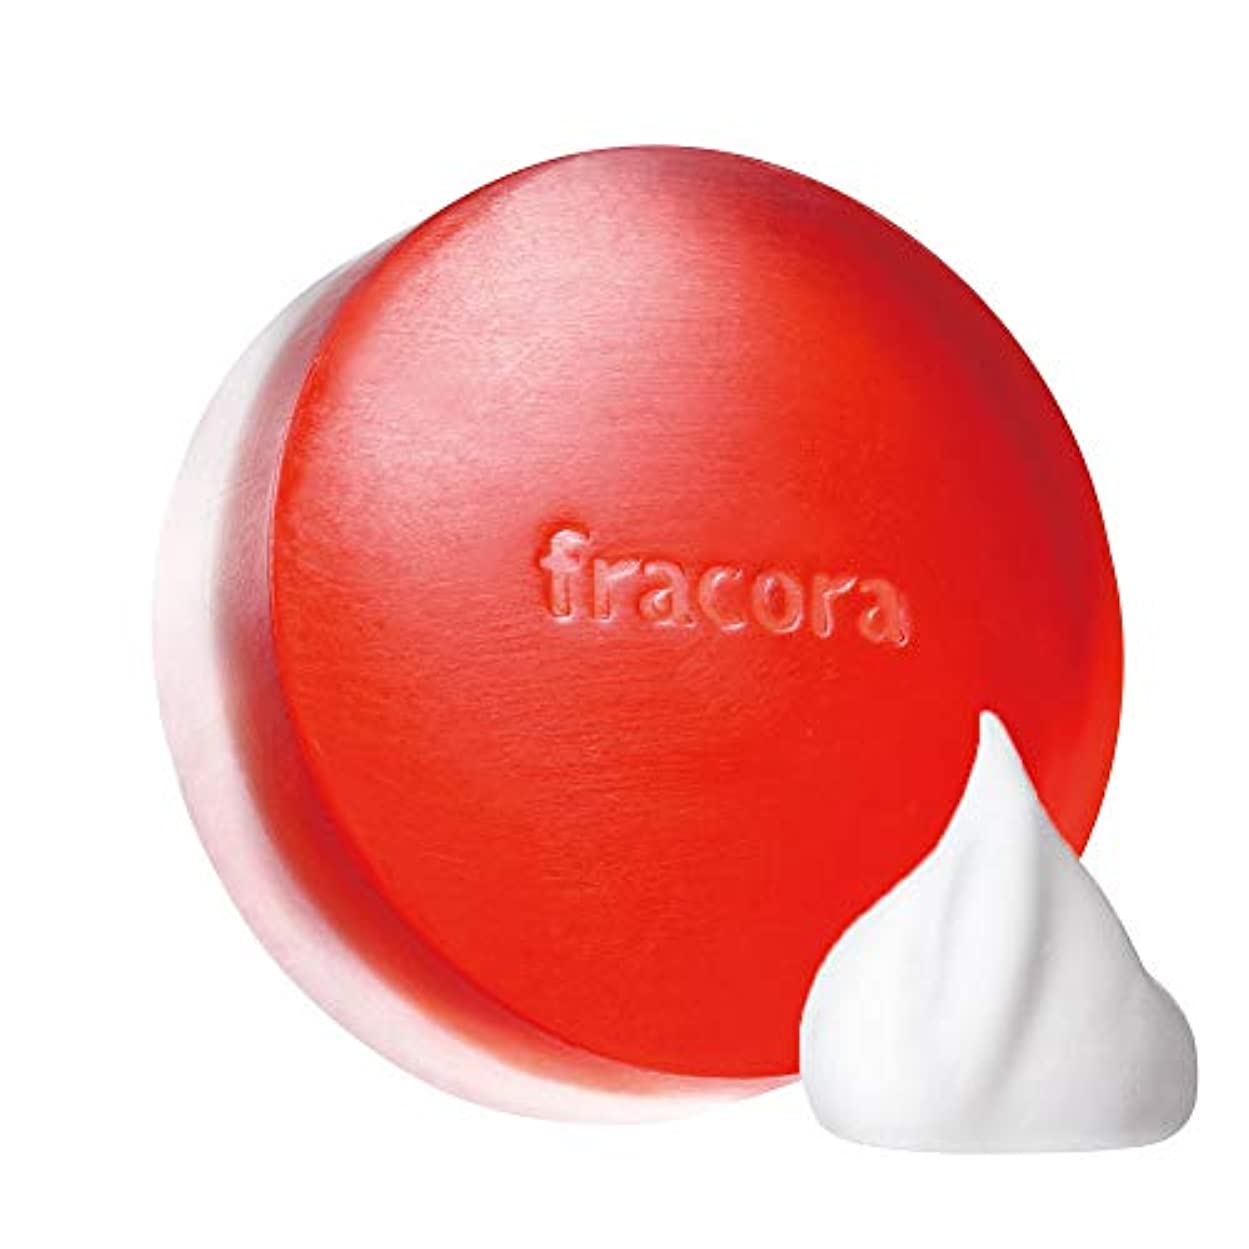 永久にソーダ水瞬時にfracora(フラコラ) モイスト&エナジーソープ 80g